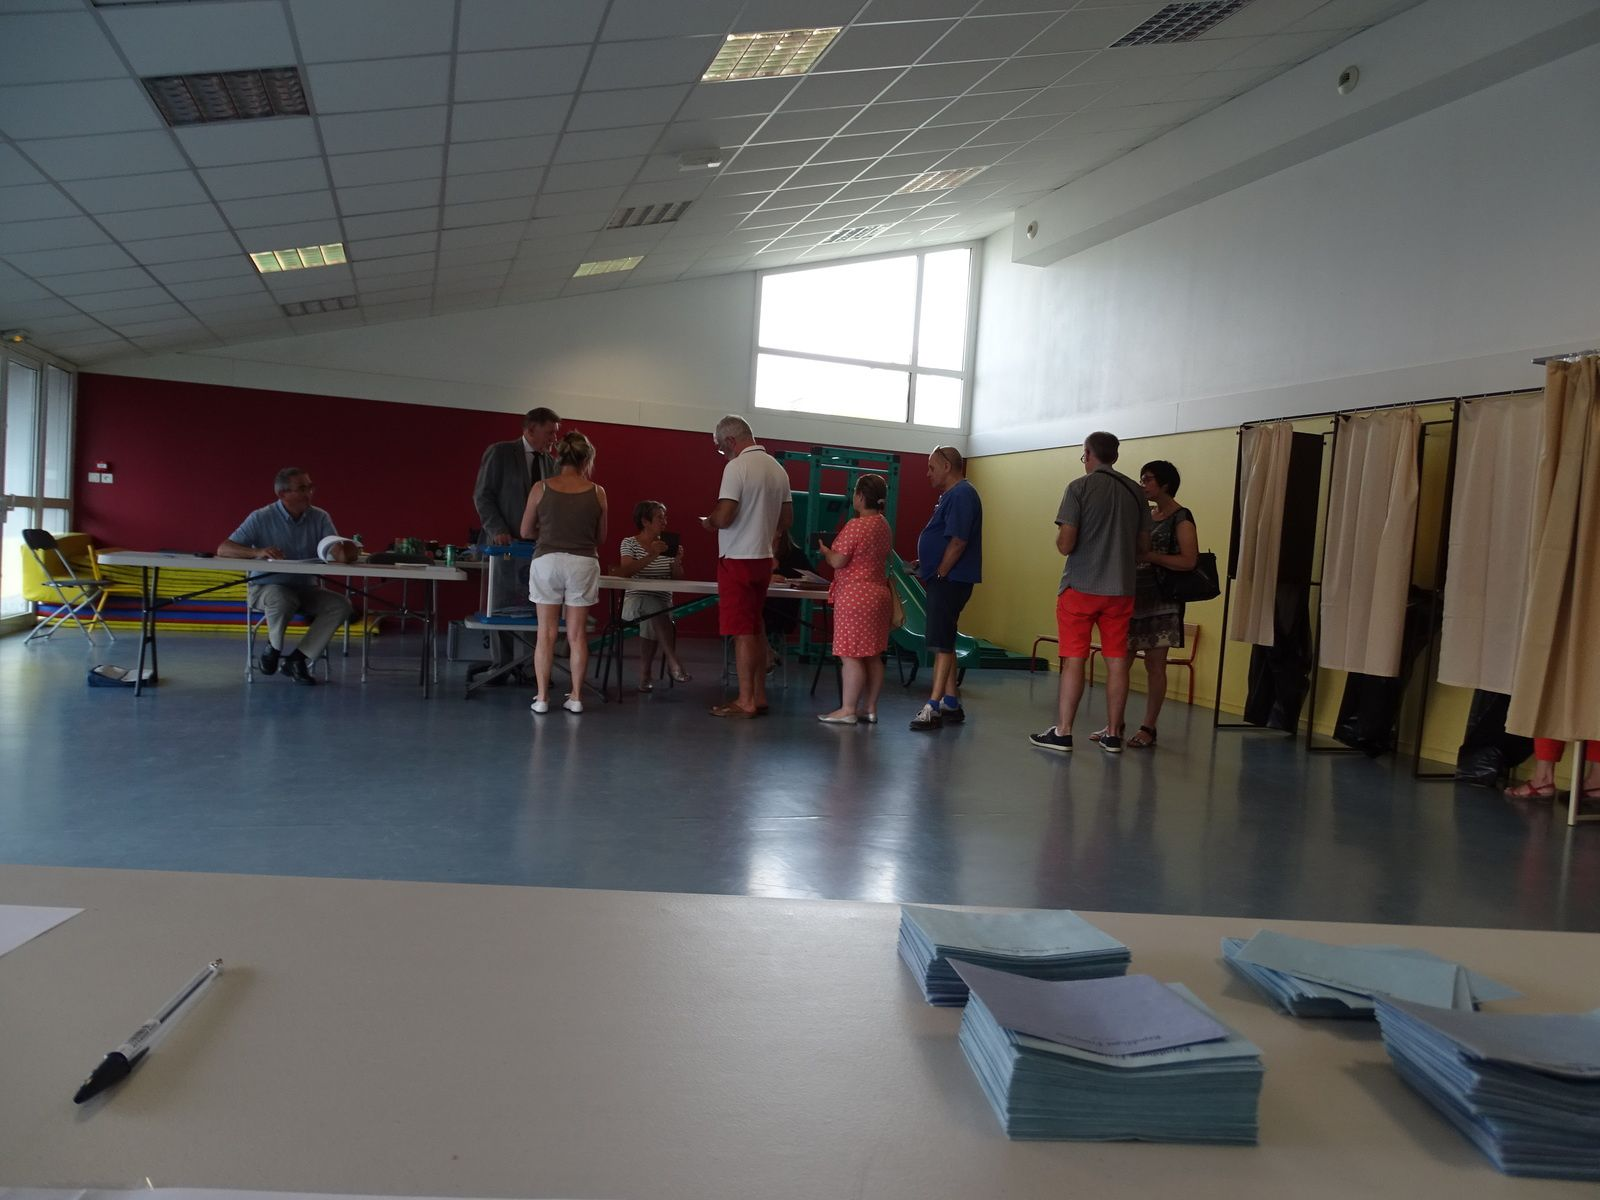 UN BUREAU DE VOTE AUX SABLES D'OLONNE, CE DIMANCHE 23 JUIN 2019 : DES CITOYENS HEUREUX D'ÊTRE CONSULTÉS